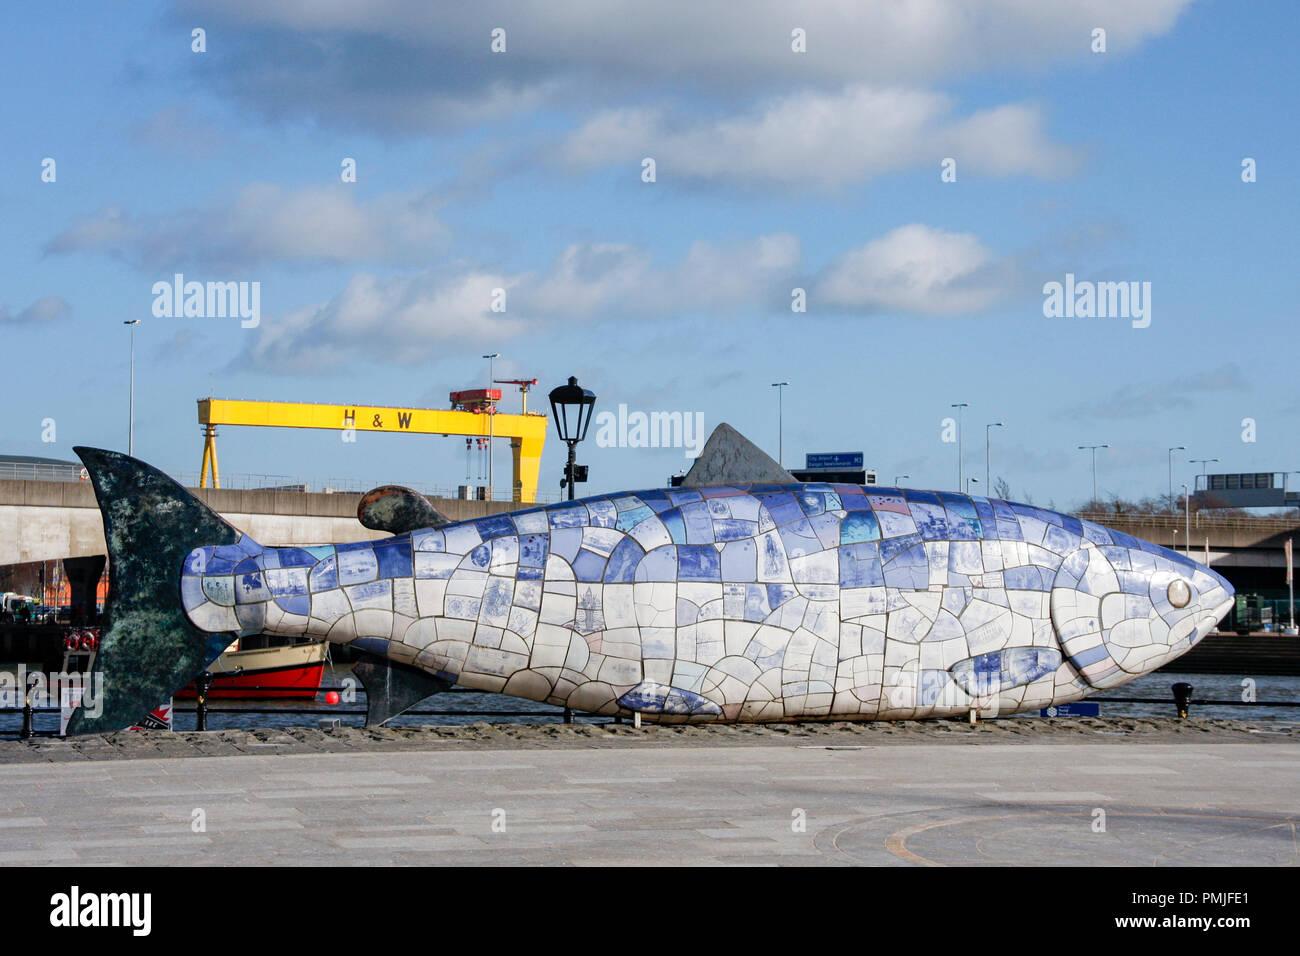 Il grande pesce o salmone della conoscenza, una scultura creato da John gentilezza a Belfast, Irlanda del Nord con uno di Harland e Wolff gru dietro Immagini Stock